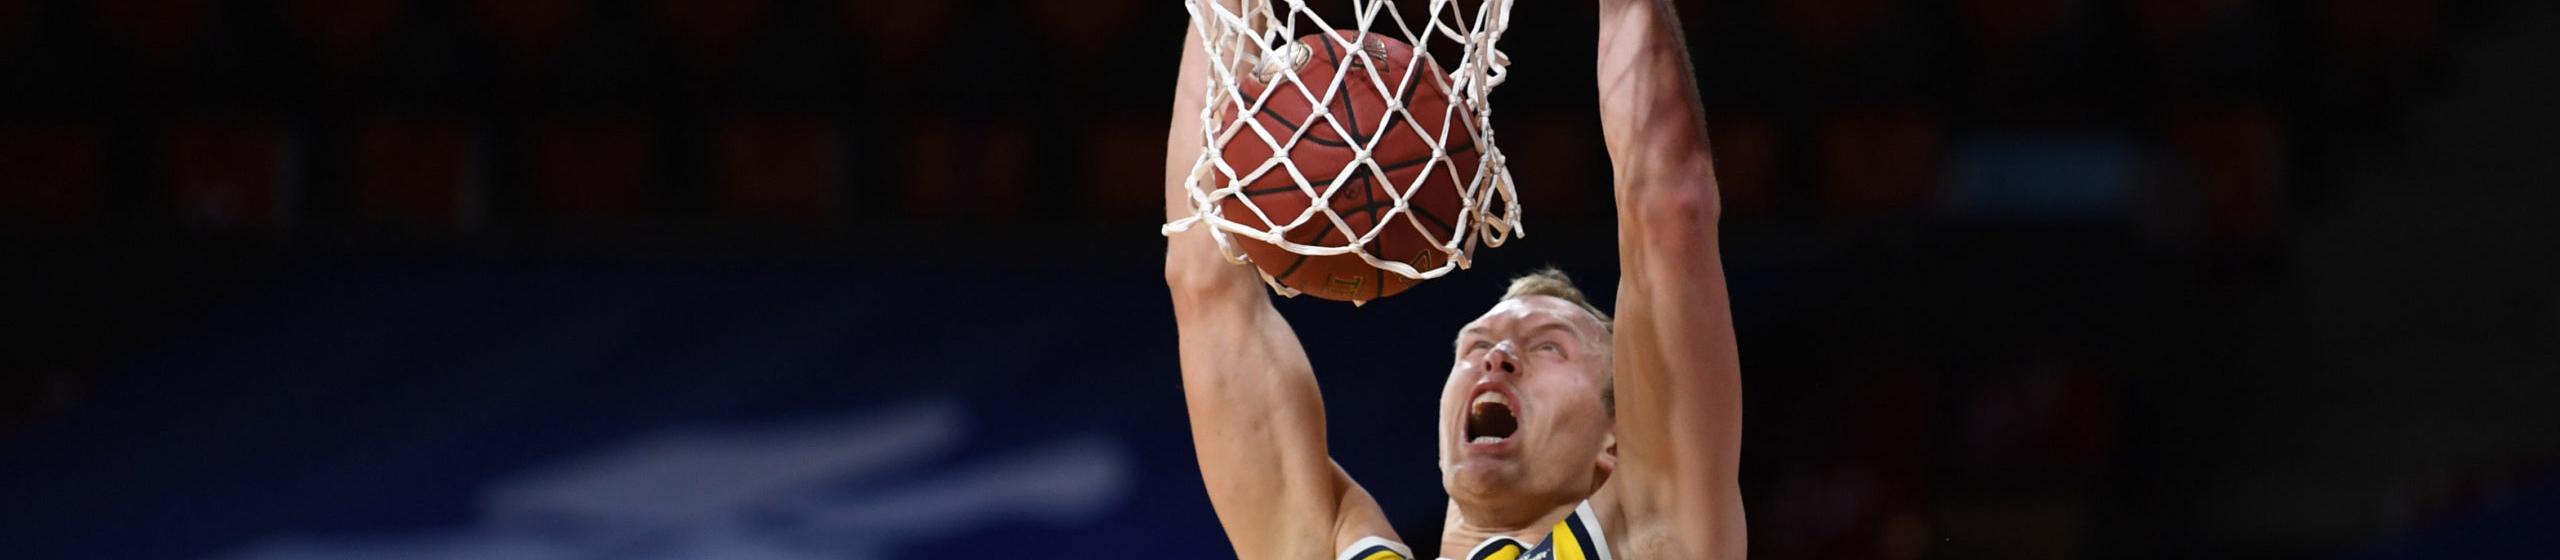 Scommesse sportive, il palinsesto bwin del 26/06/2020: in Germania si assegna il titolo nel basket